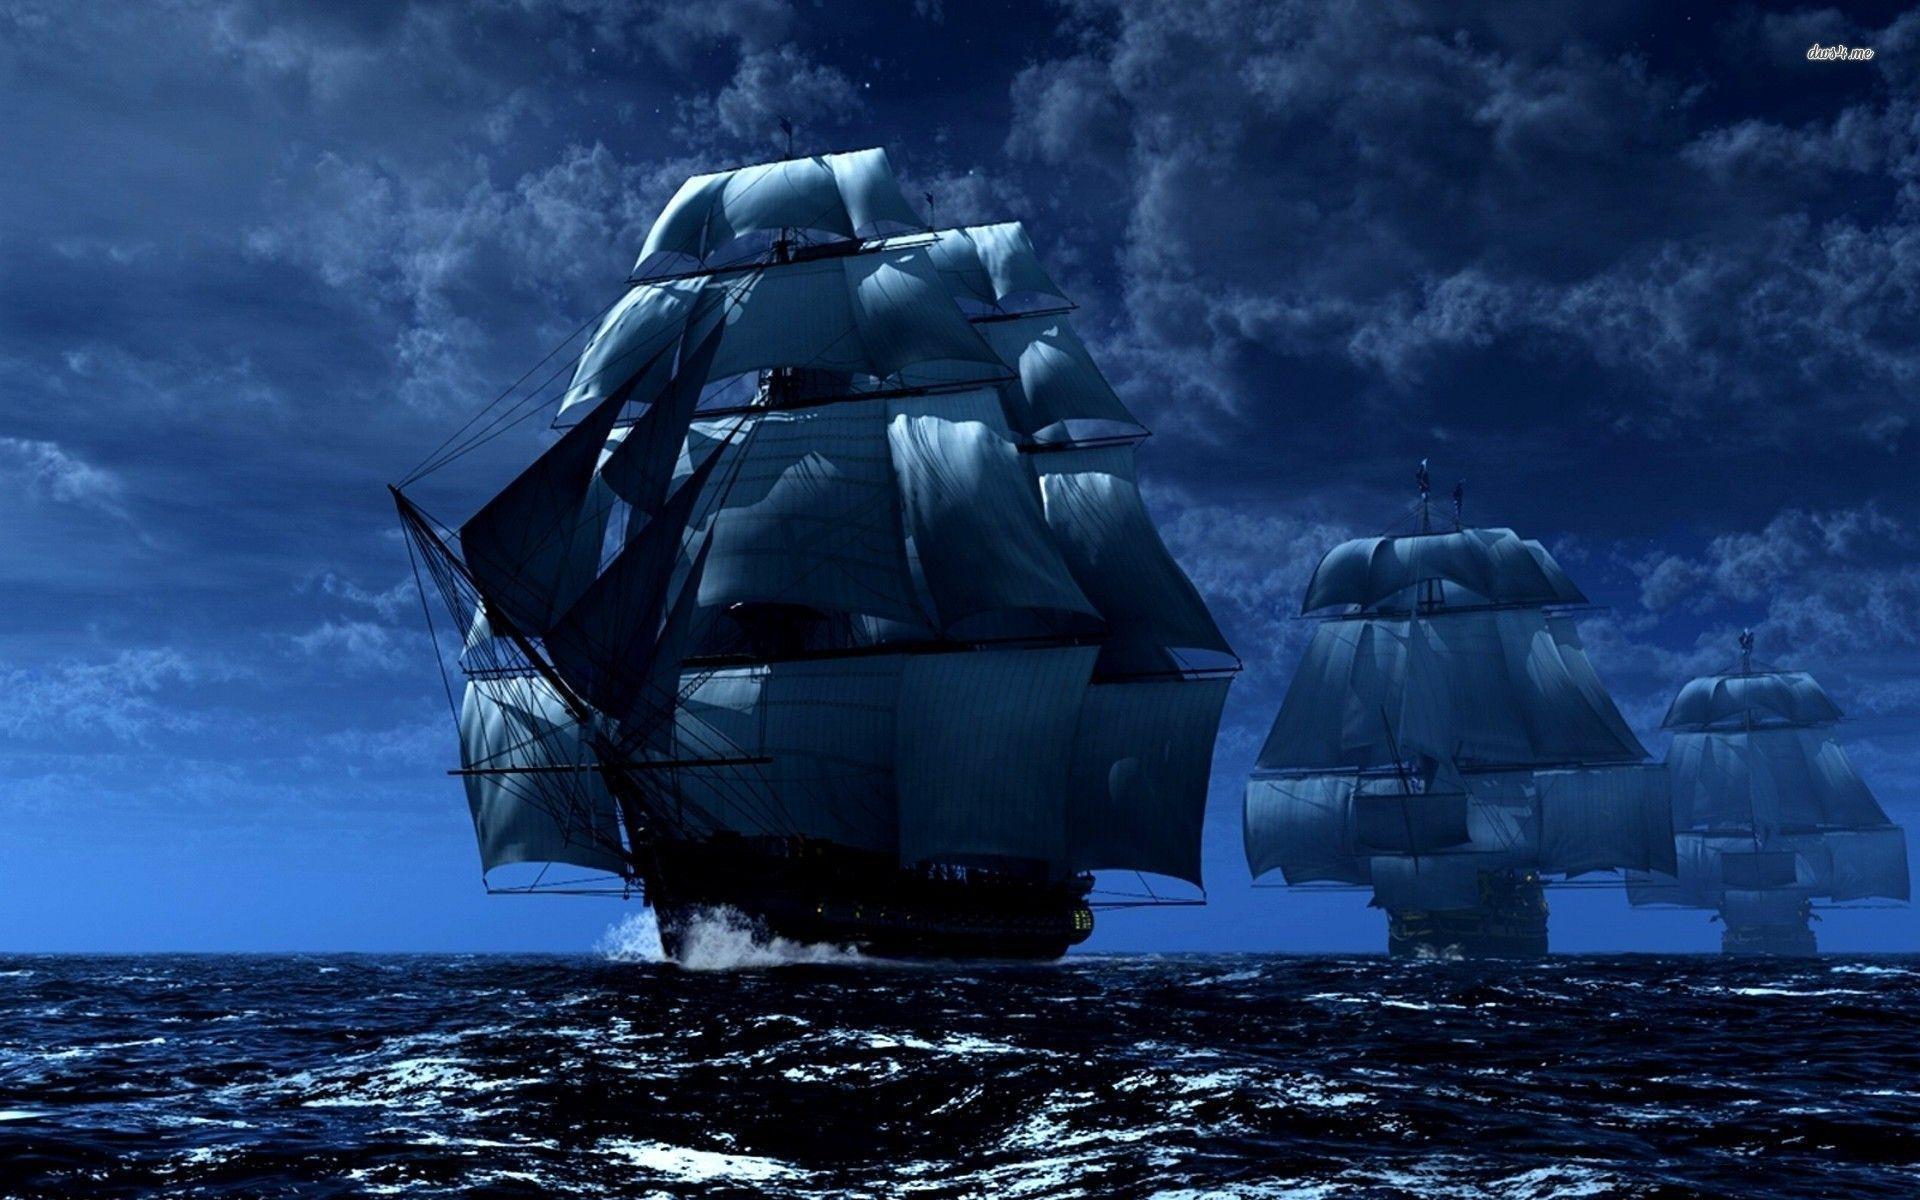 bateau pirate wallpaper - photo #23